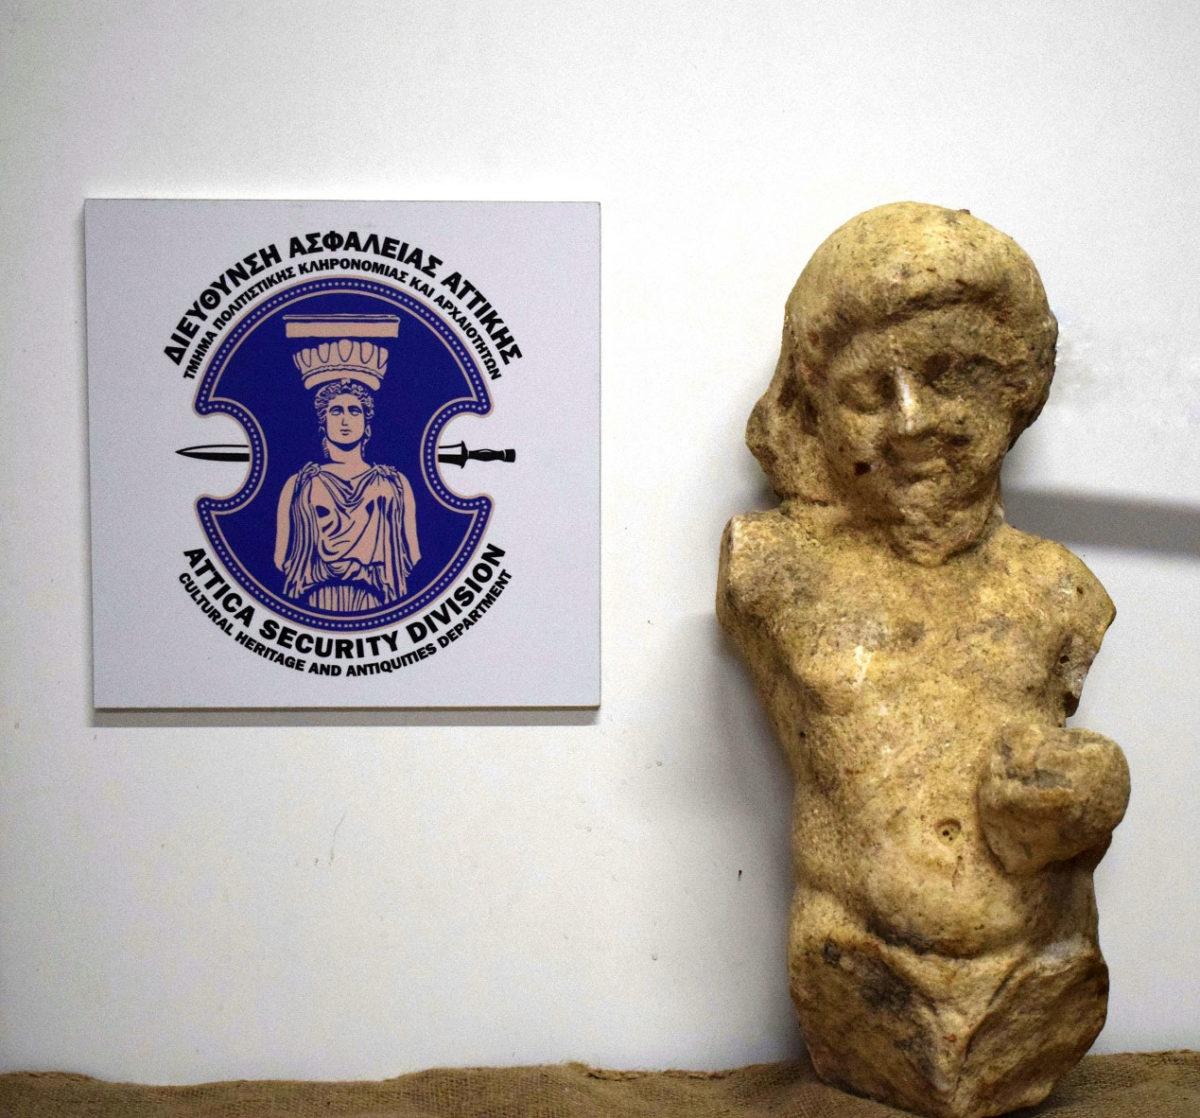 τμήμα μαρμάρινου αγάλματος της Αρχαϊκής περιόδου που κατασχέθηκε στη Μεσσηνία (φωτ.: Ελληνική Αστυνομία).